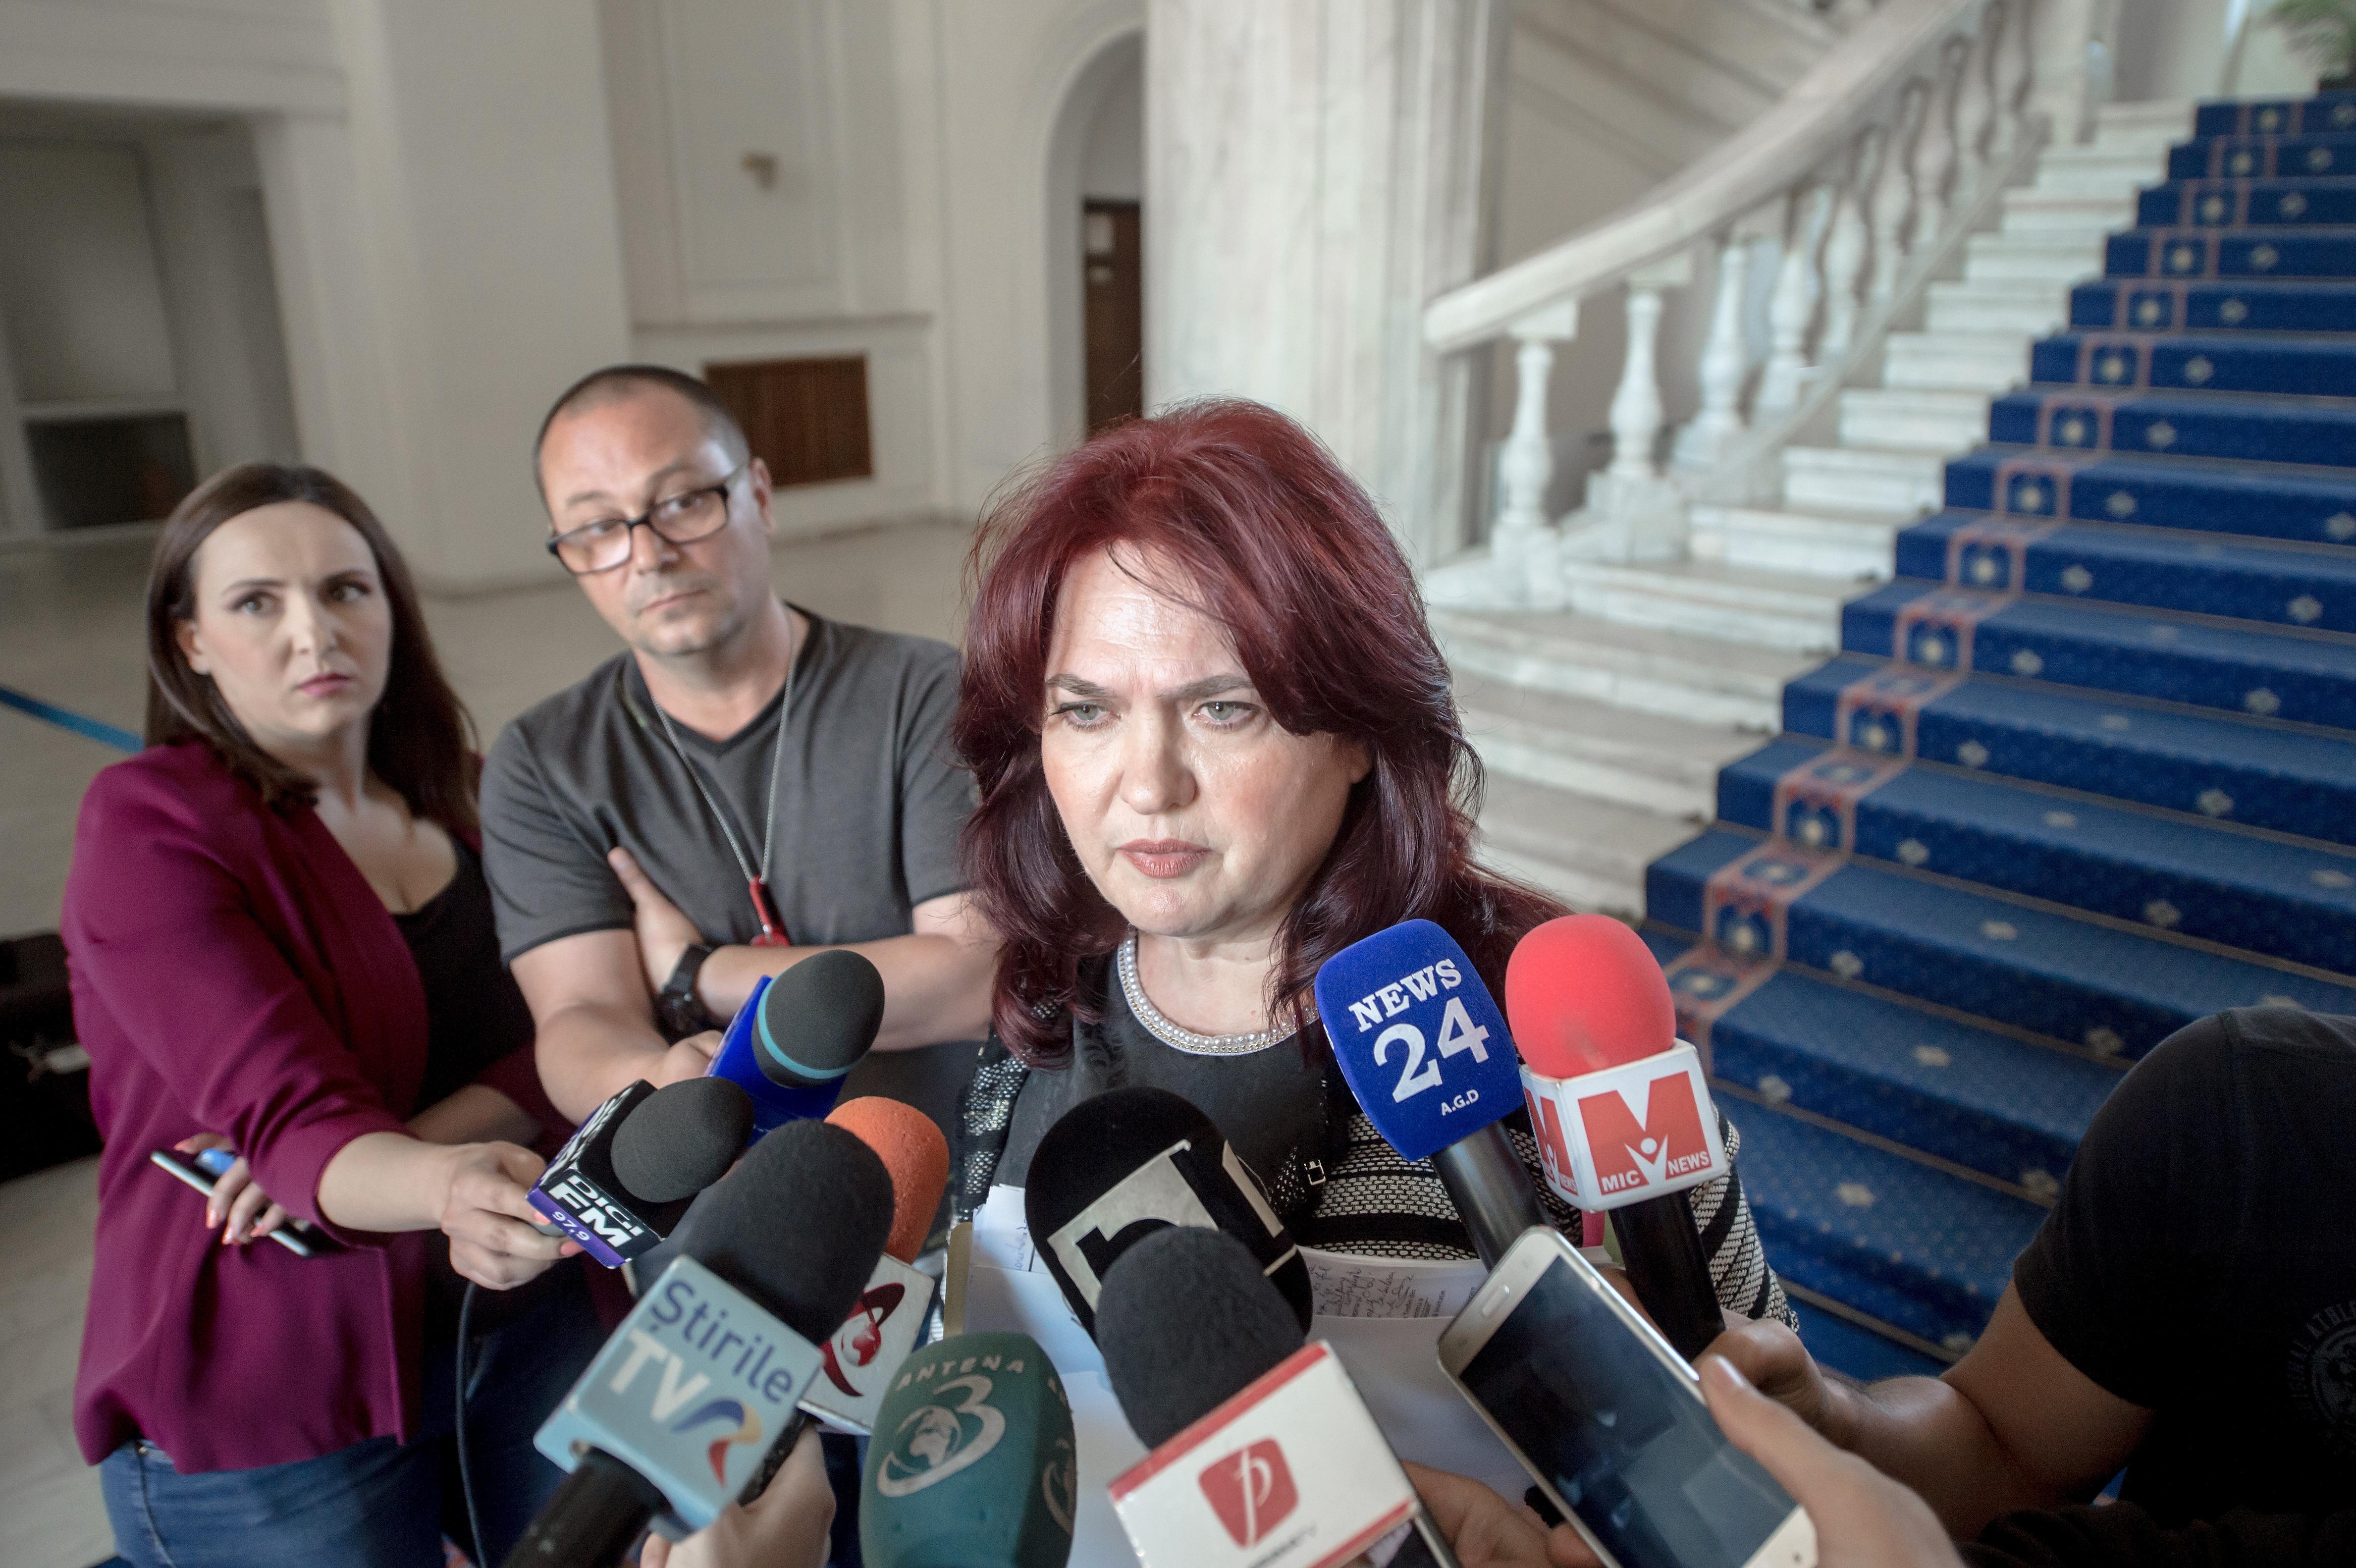 Legile justiţiei. Mariana Ghena, preşedintele CSM, despre înfiinţarea secţiei de investigare a magistraţilor: Nu este necesară